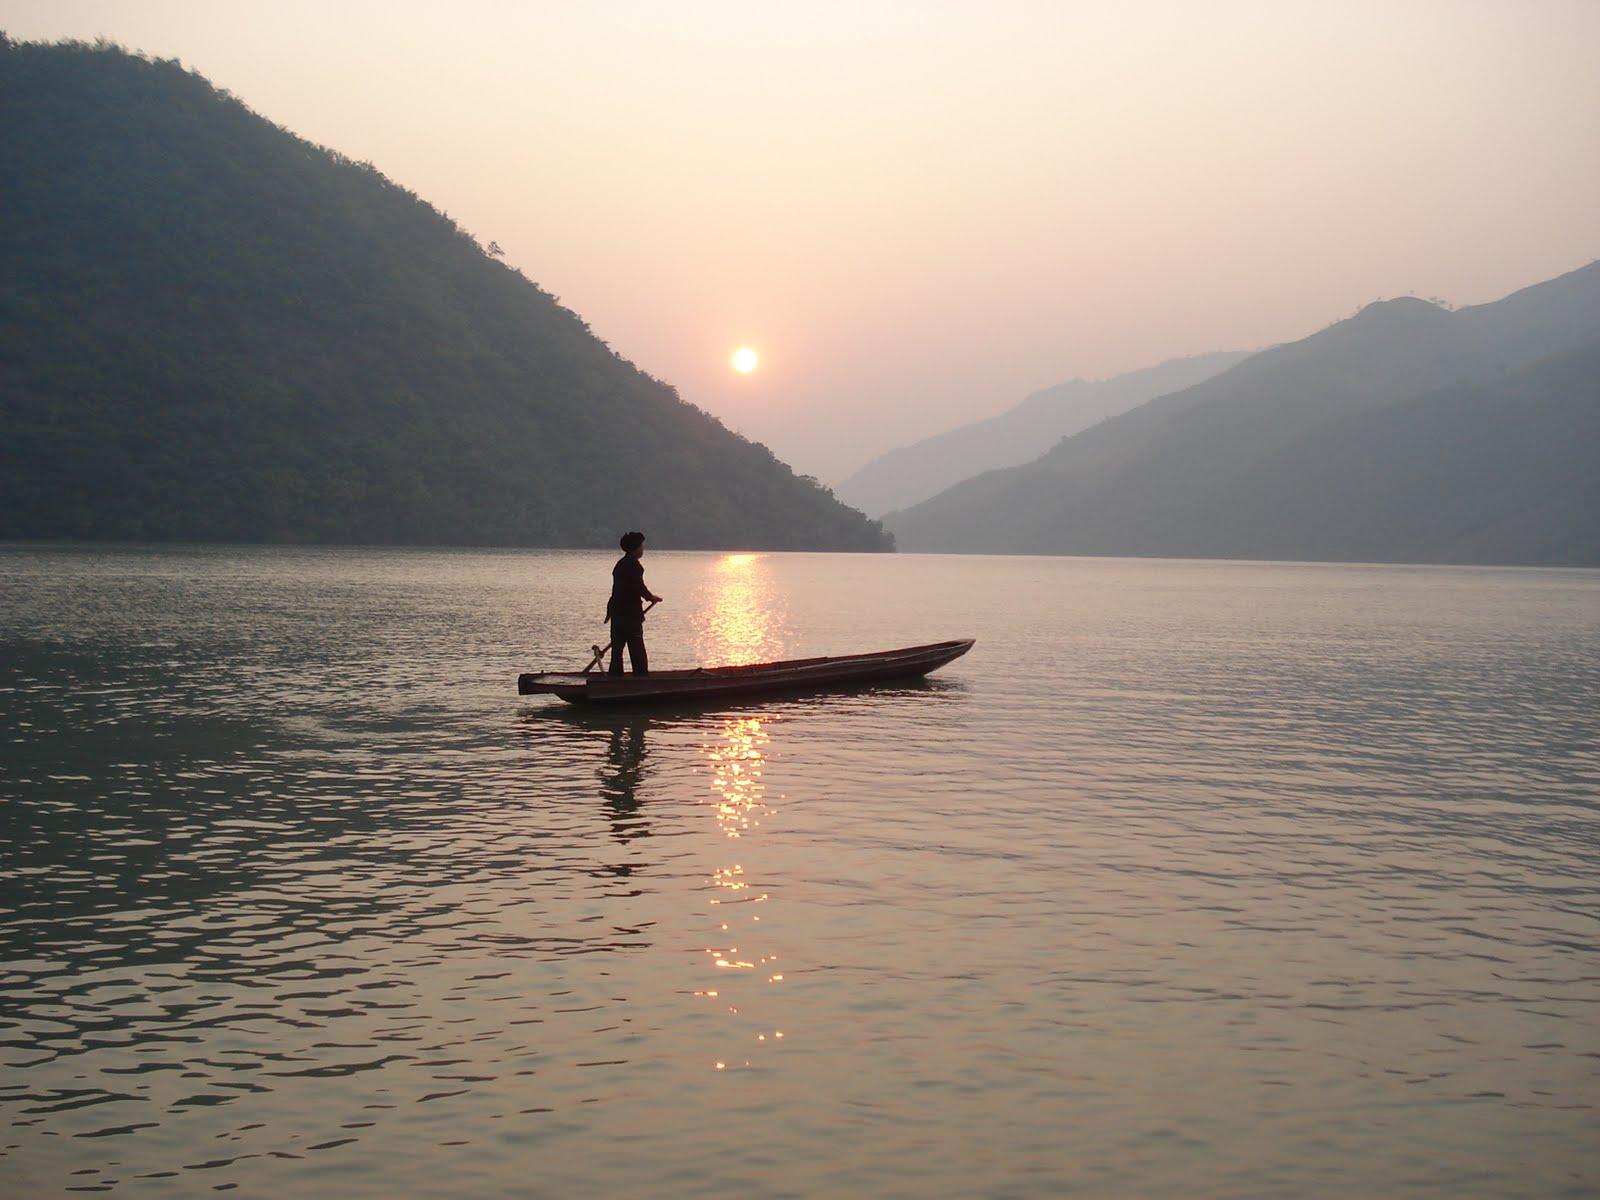 Phân tích nghệ thuật miêu tả thiên nhiên và con người trong tùy bút Người lái đò Sông Đà.